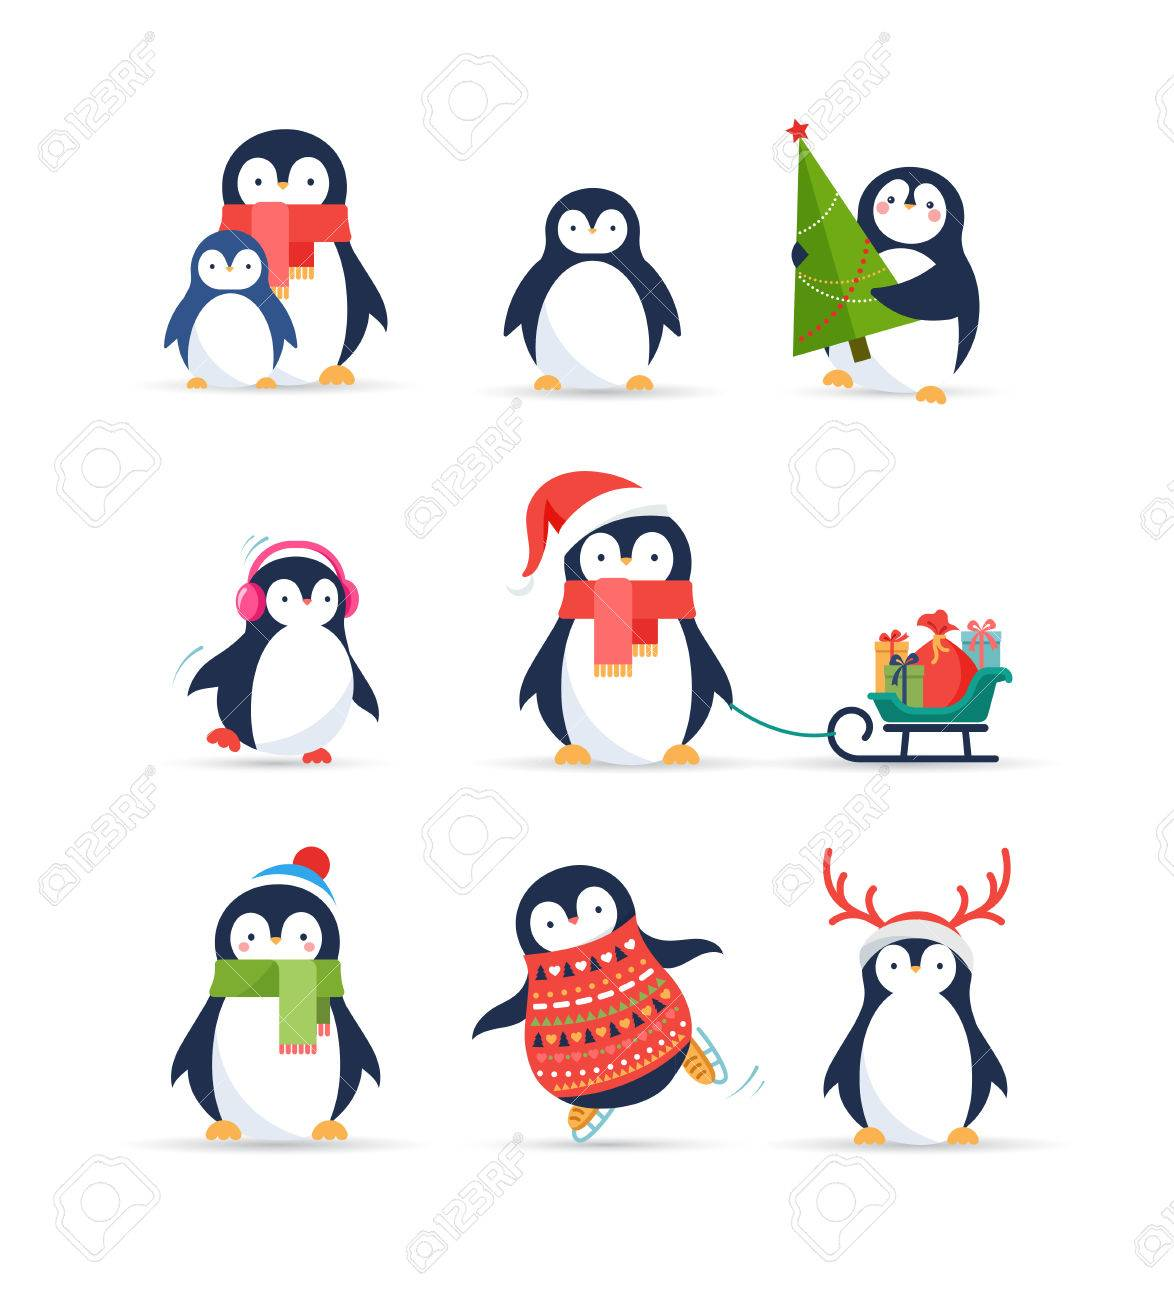 かわいいペンギン セット イラスト クリスマスのご挨拶のイラスト素材